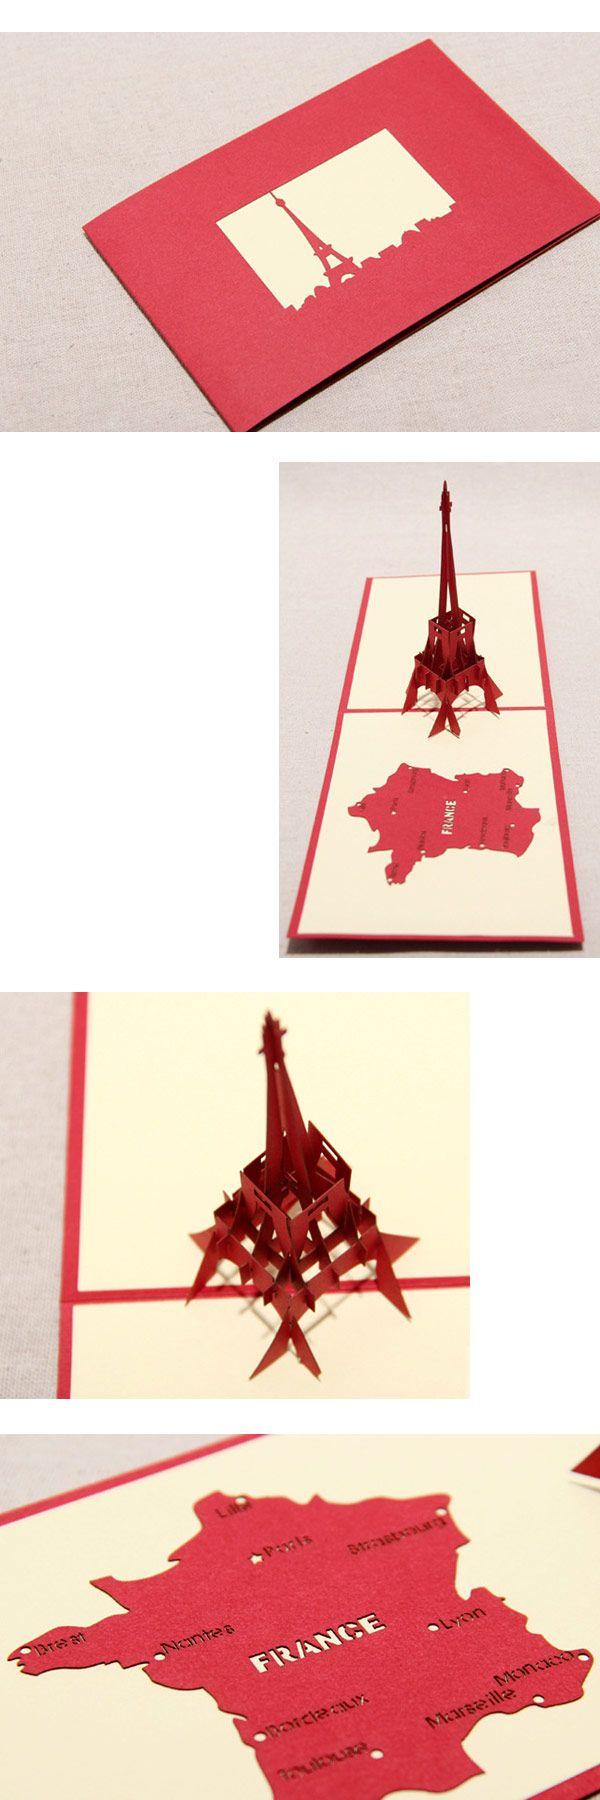 Эй тур эйфелева башня ручной творческий киригами и оригами 3D Pop UP приветствие и подарочные карты бесплатная доставка купить на AliExpress